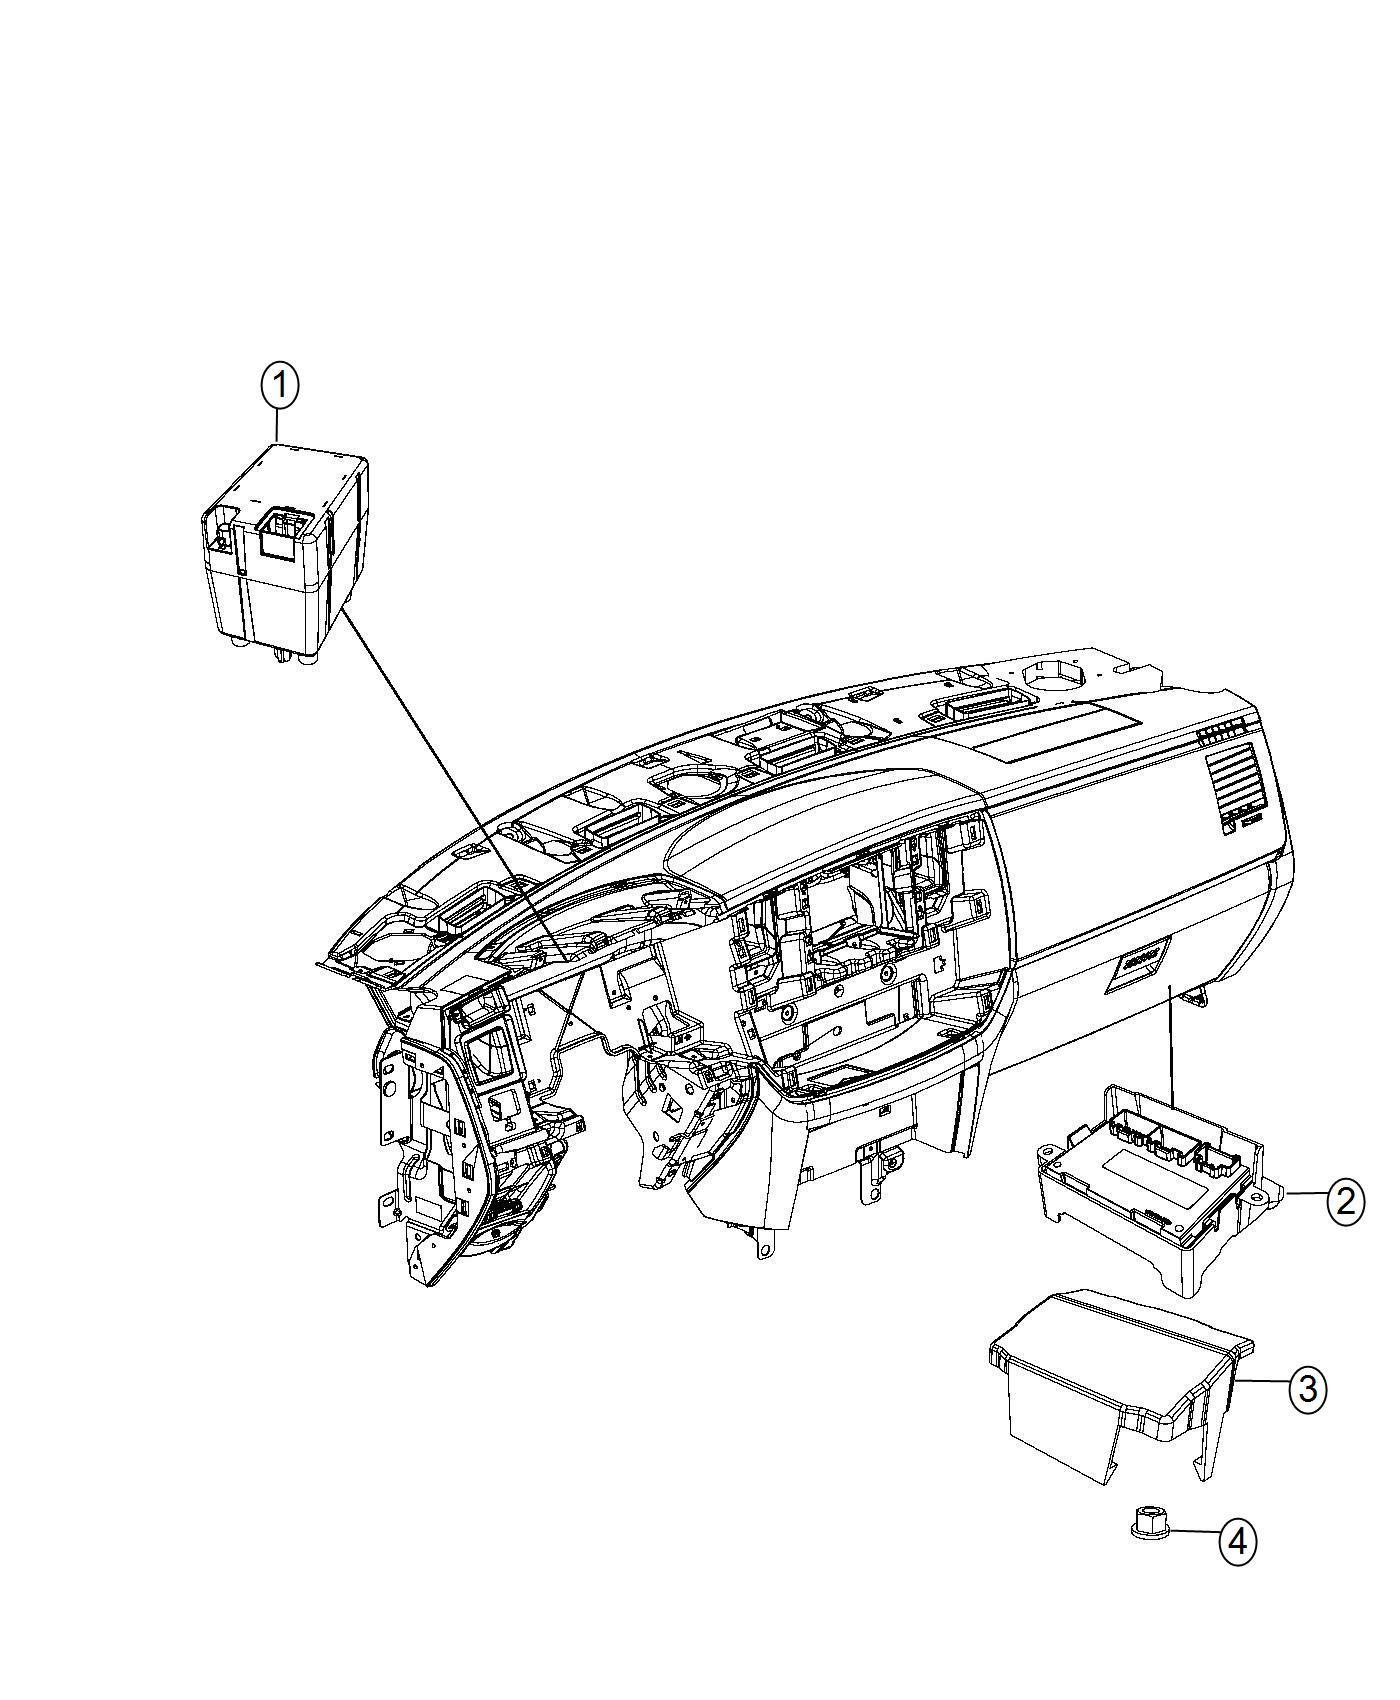 Dodge Ram 2500 Receiver. Wireless ignition node